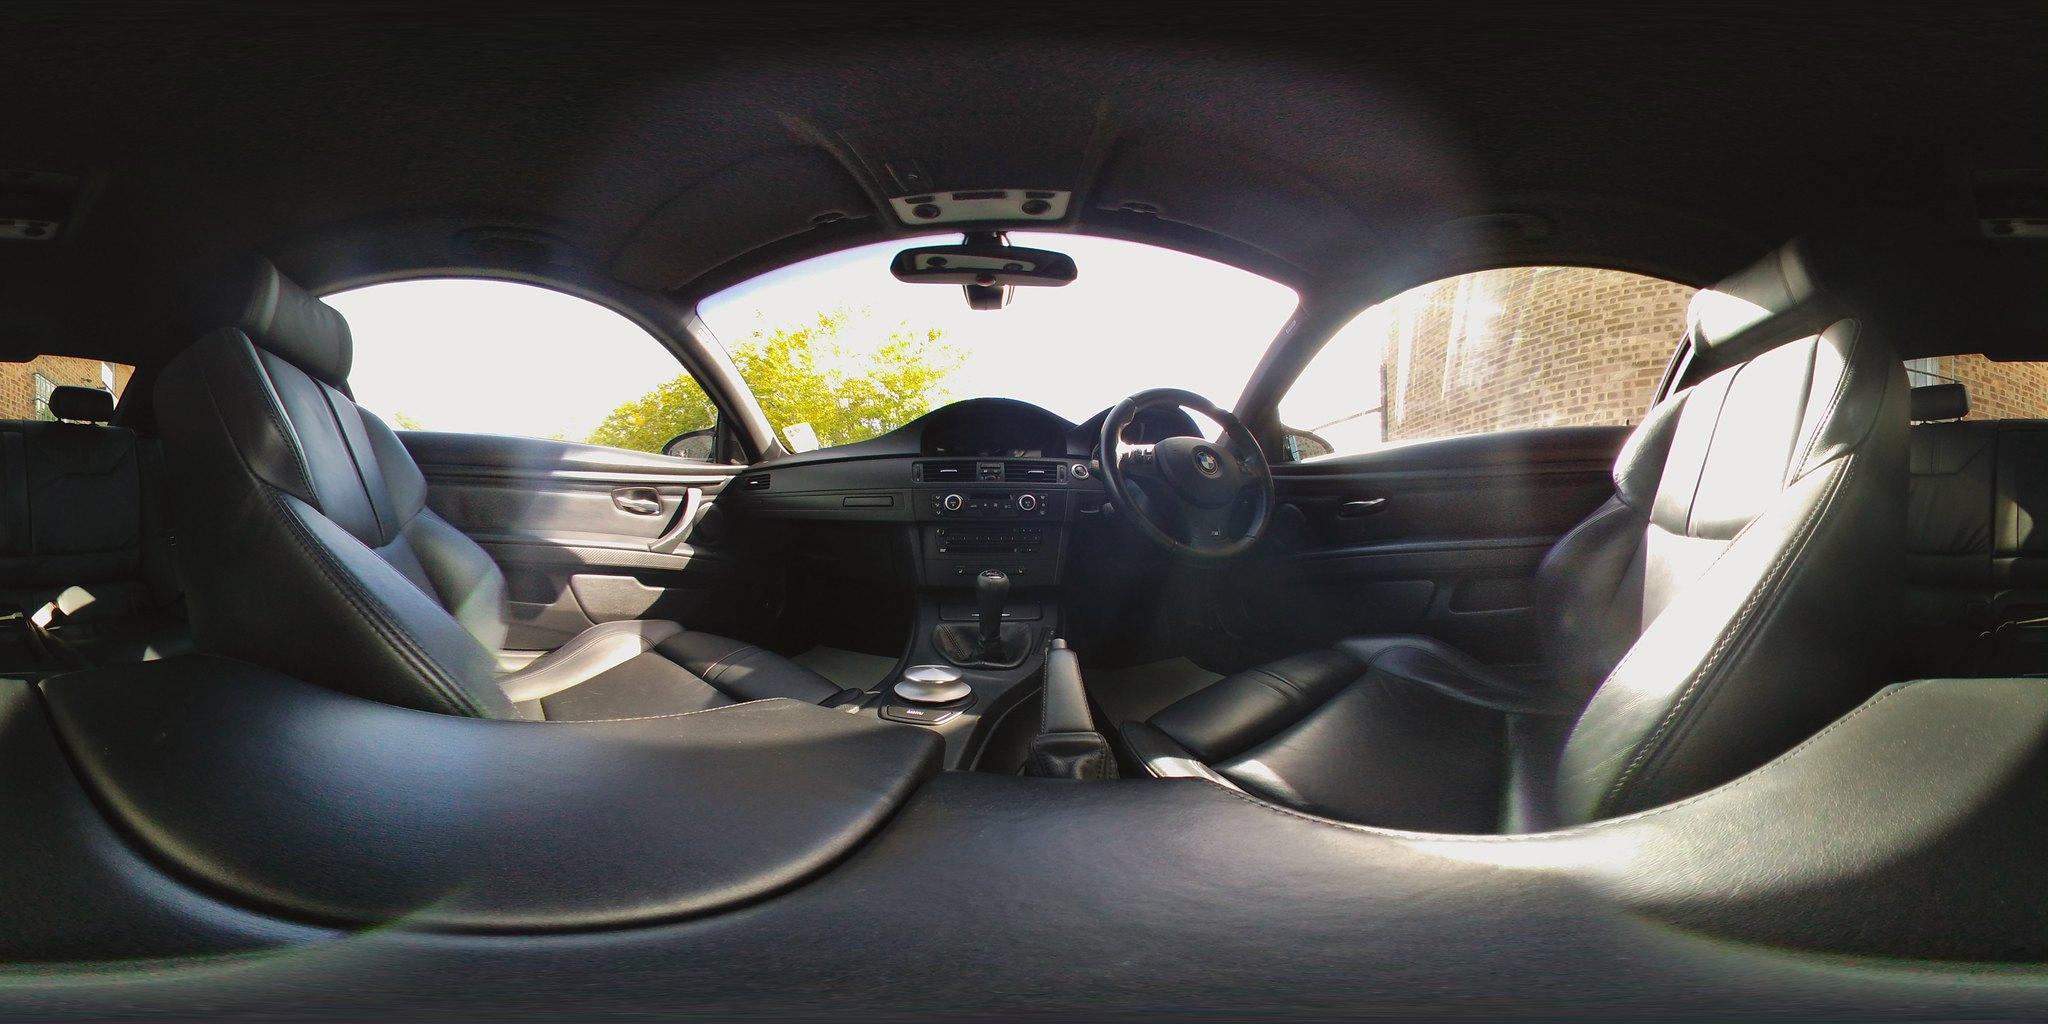 m3-interior-3d